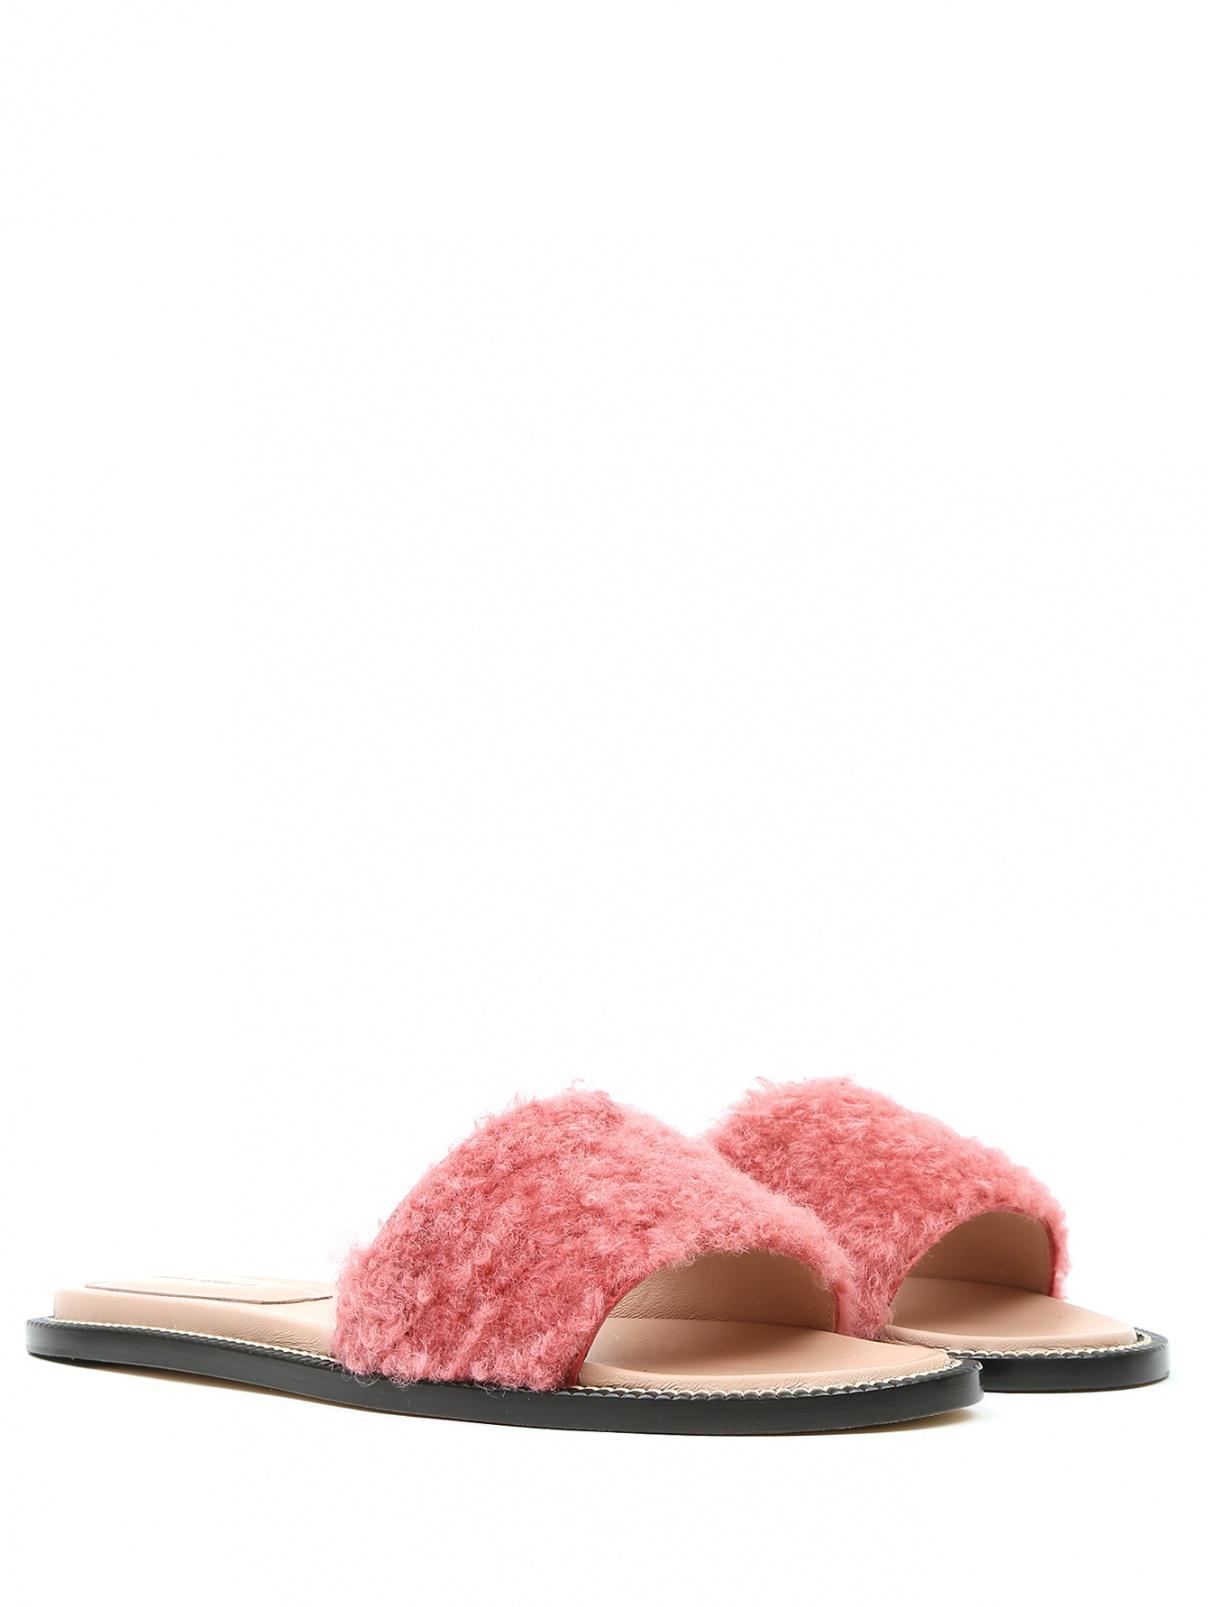 Шлепанцы из кожи с меховой отделкой Alberta Ferretti  –  Общий вид  – Цвет:  Розовый